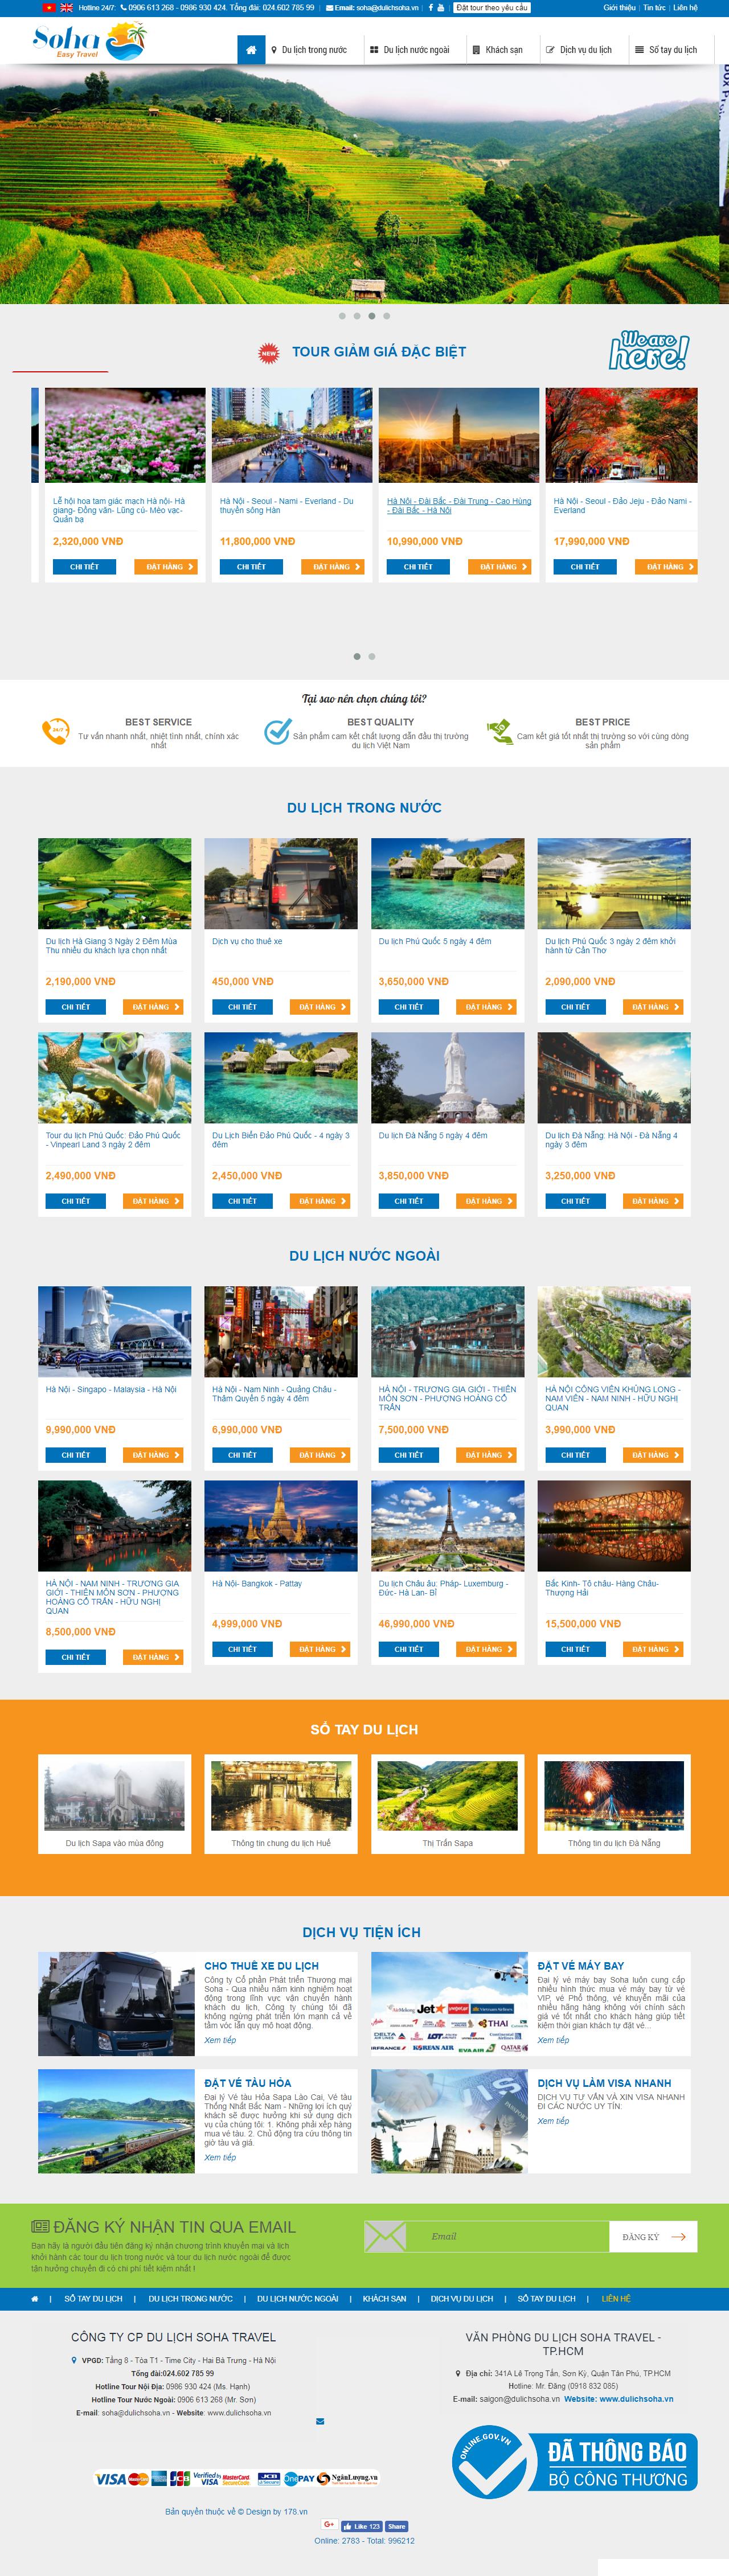 Web giá rẻ du lịch chuyên nghiệp